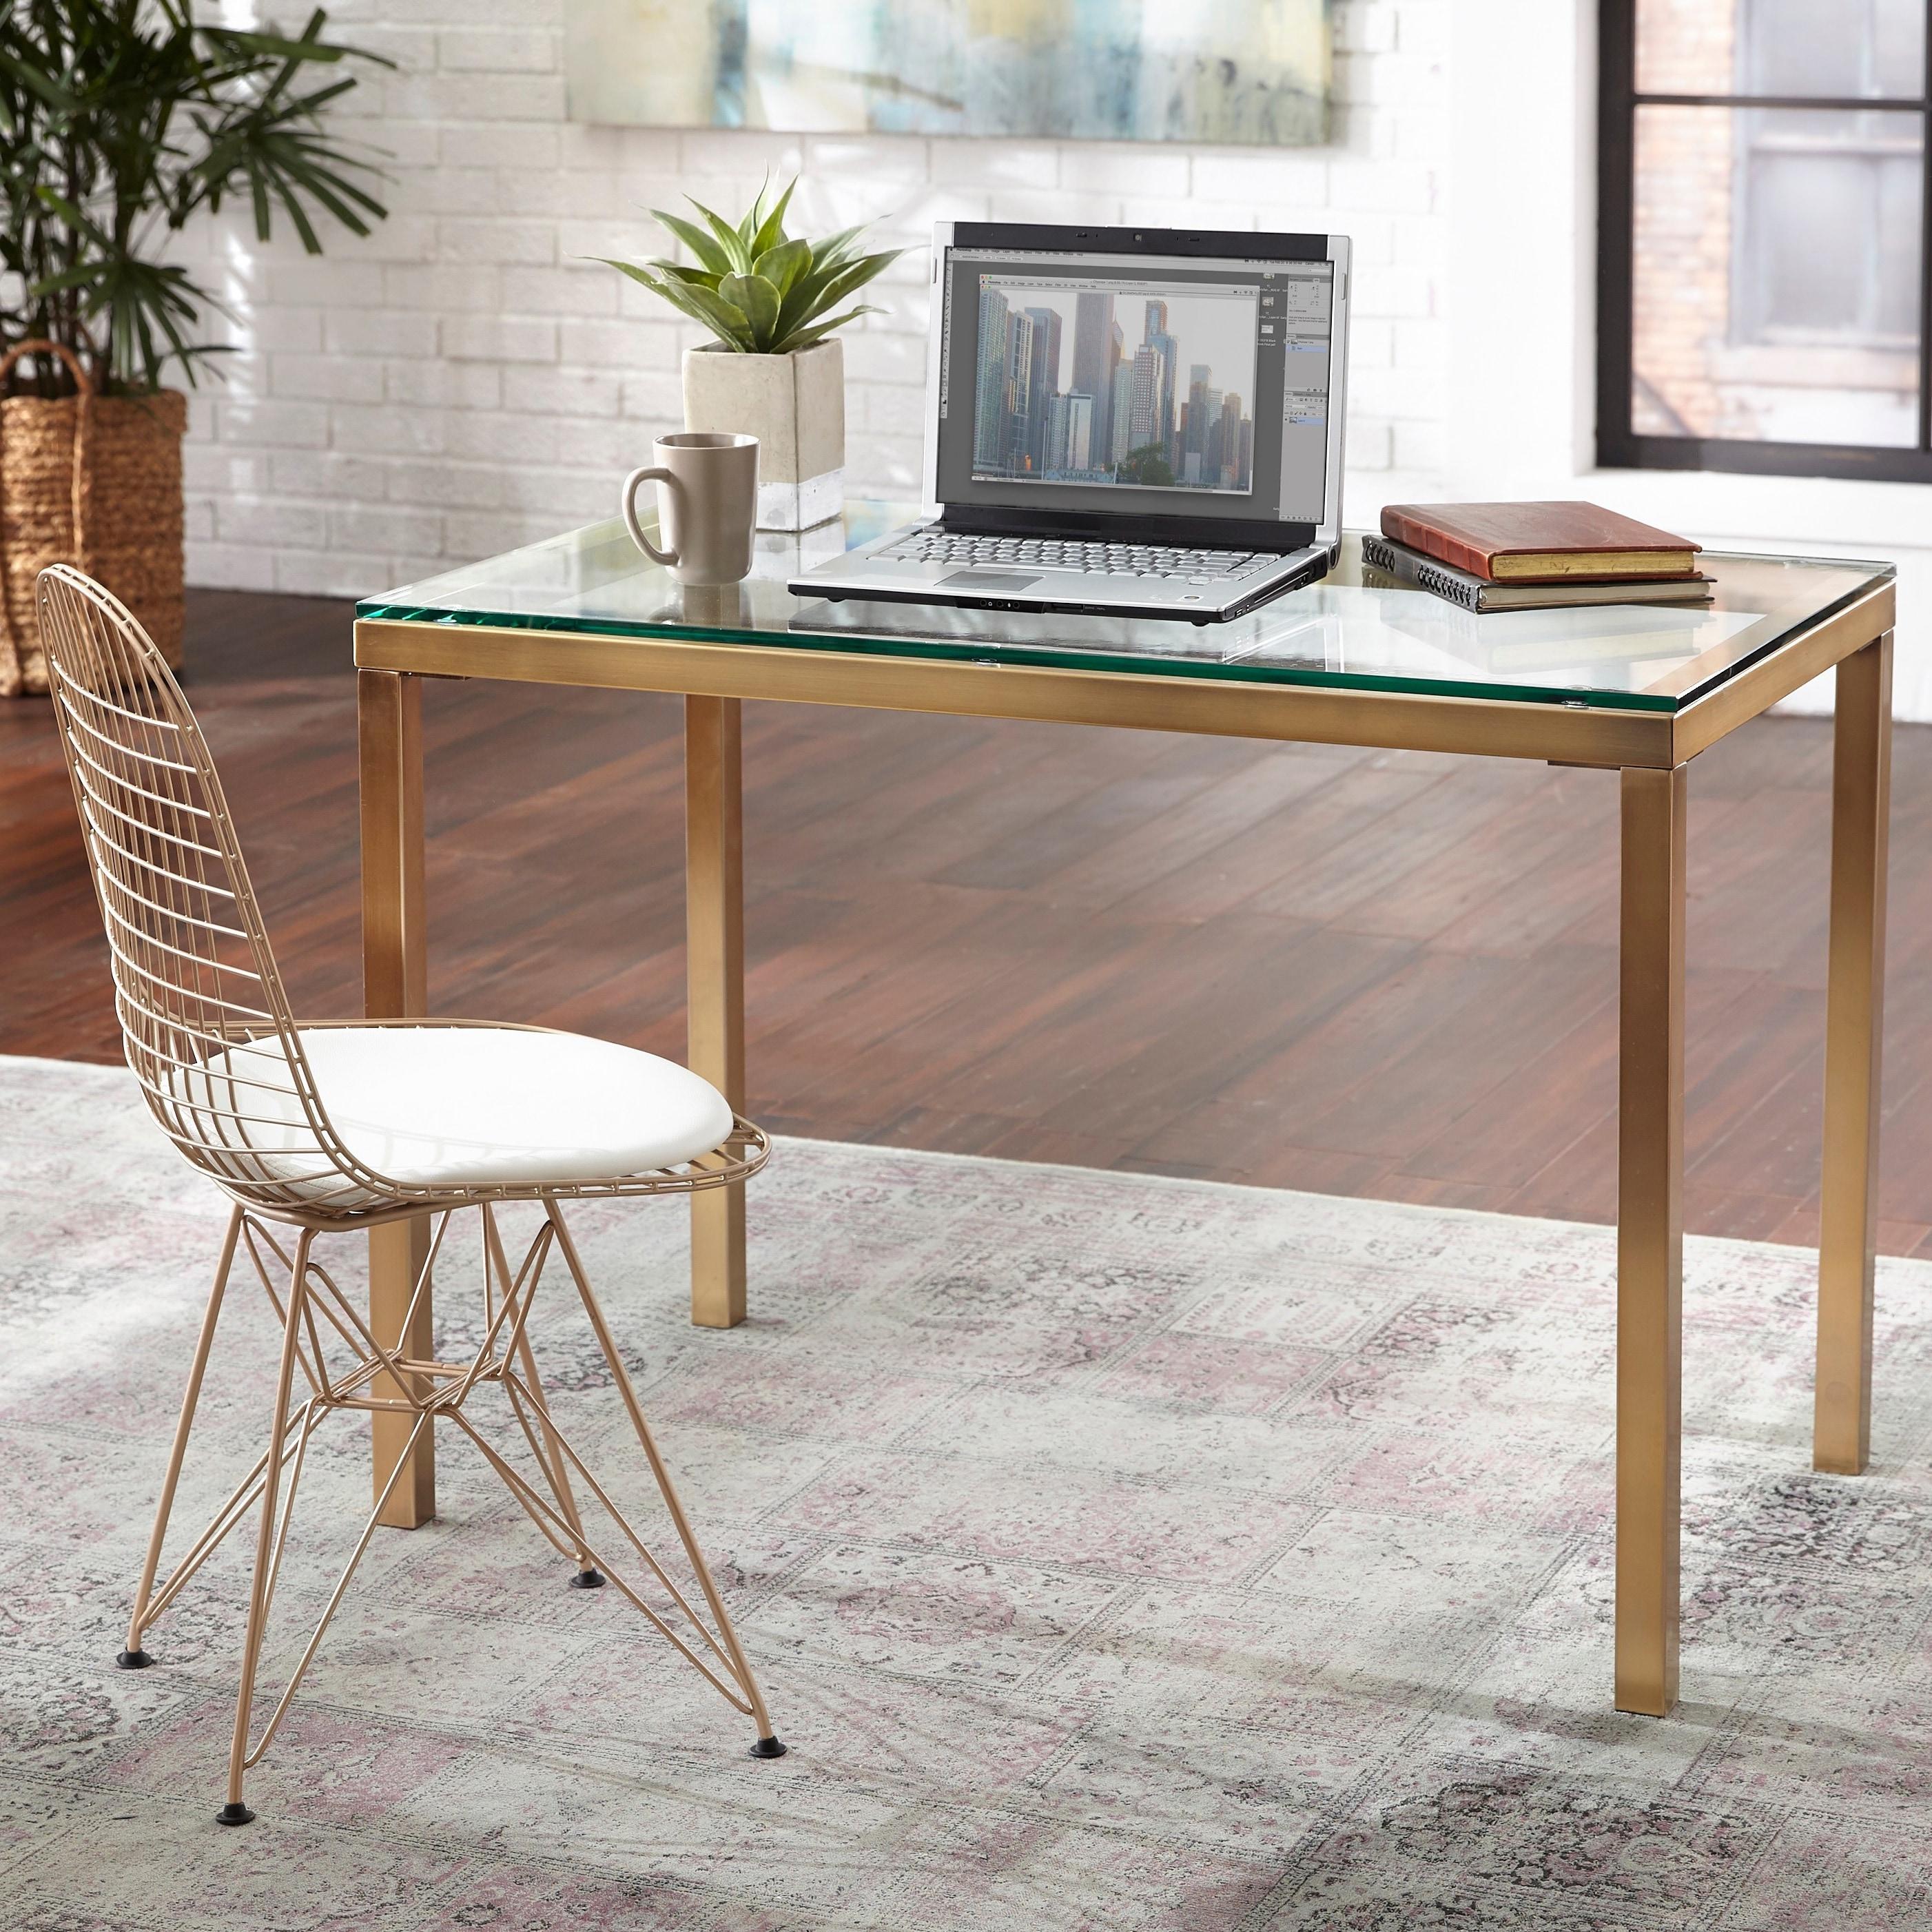 Buy Glass Desks & puter Tables line at Overstock